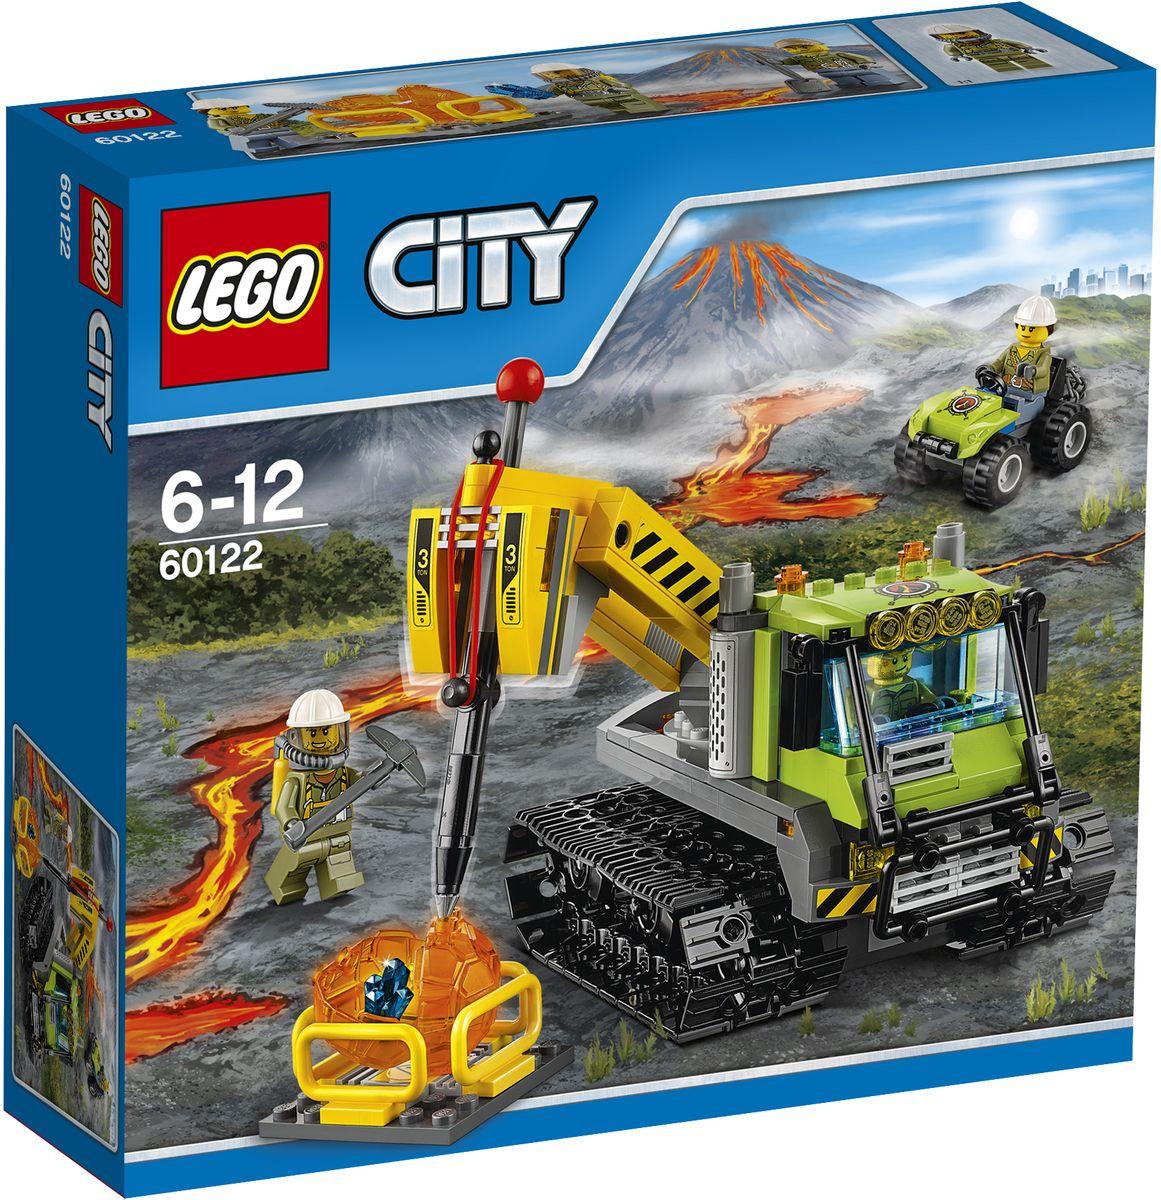 LEGO City Конструктор Вездеход исследователей вулканов 6012260122Исследование - это трудная работа! Используйте тяжелый кран, чтобы разбить валуны и выяснить, что внутри. Передвигайтесь по бездорожью на вездеходе исследователей вулканов, чтобы перевозить породу в нужное место. Используйте отбойный молоток, чтобы разбить валуны и найти скрытые в нем кристаллы. Такие находки превращают тяжелую работу в удовольствие! Набор включает в себя 324 разноцветных пластиковых элемента. Конструктор - это один из самых увлекательных и веселых способов времяпрепровождения. Ребенок сможет часами играть с конструктором, придумывая различные ситуации и истории.